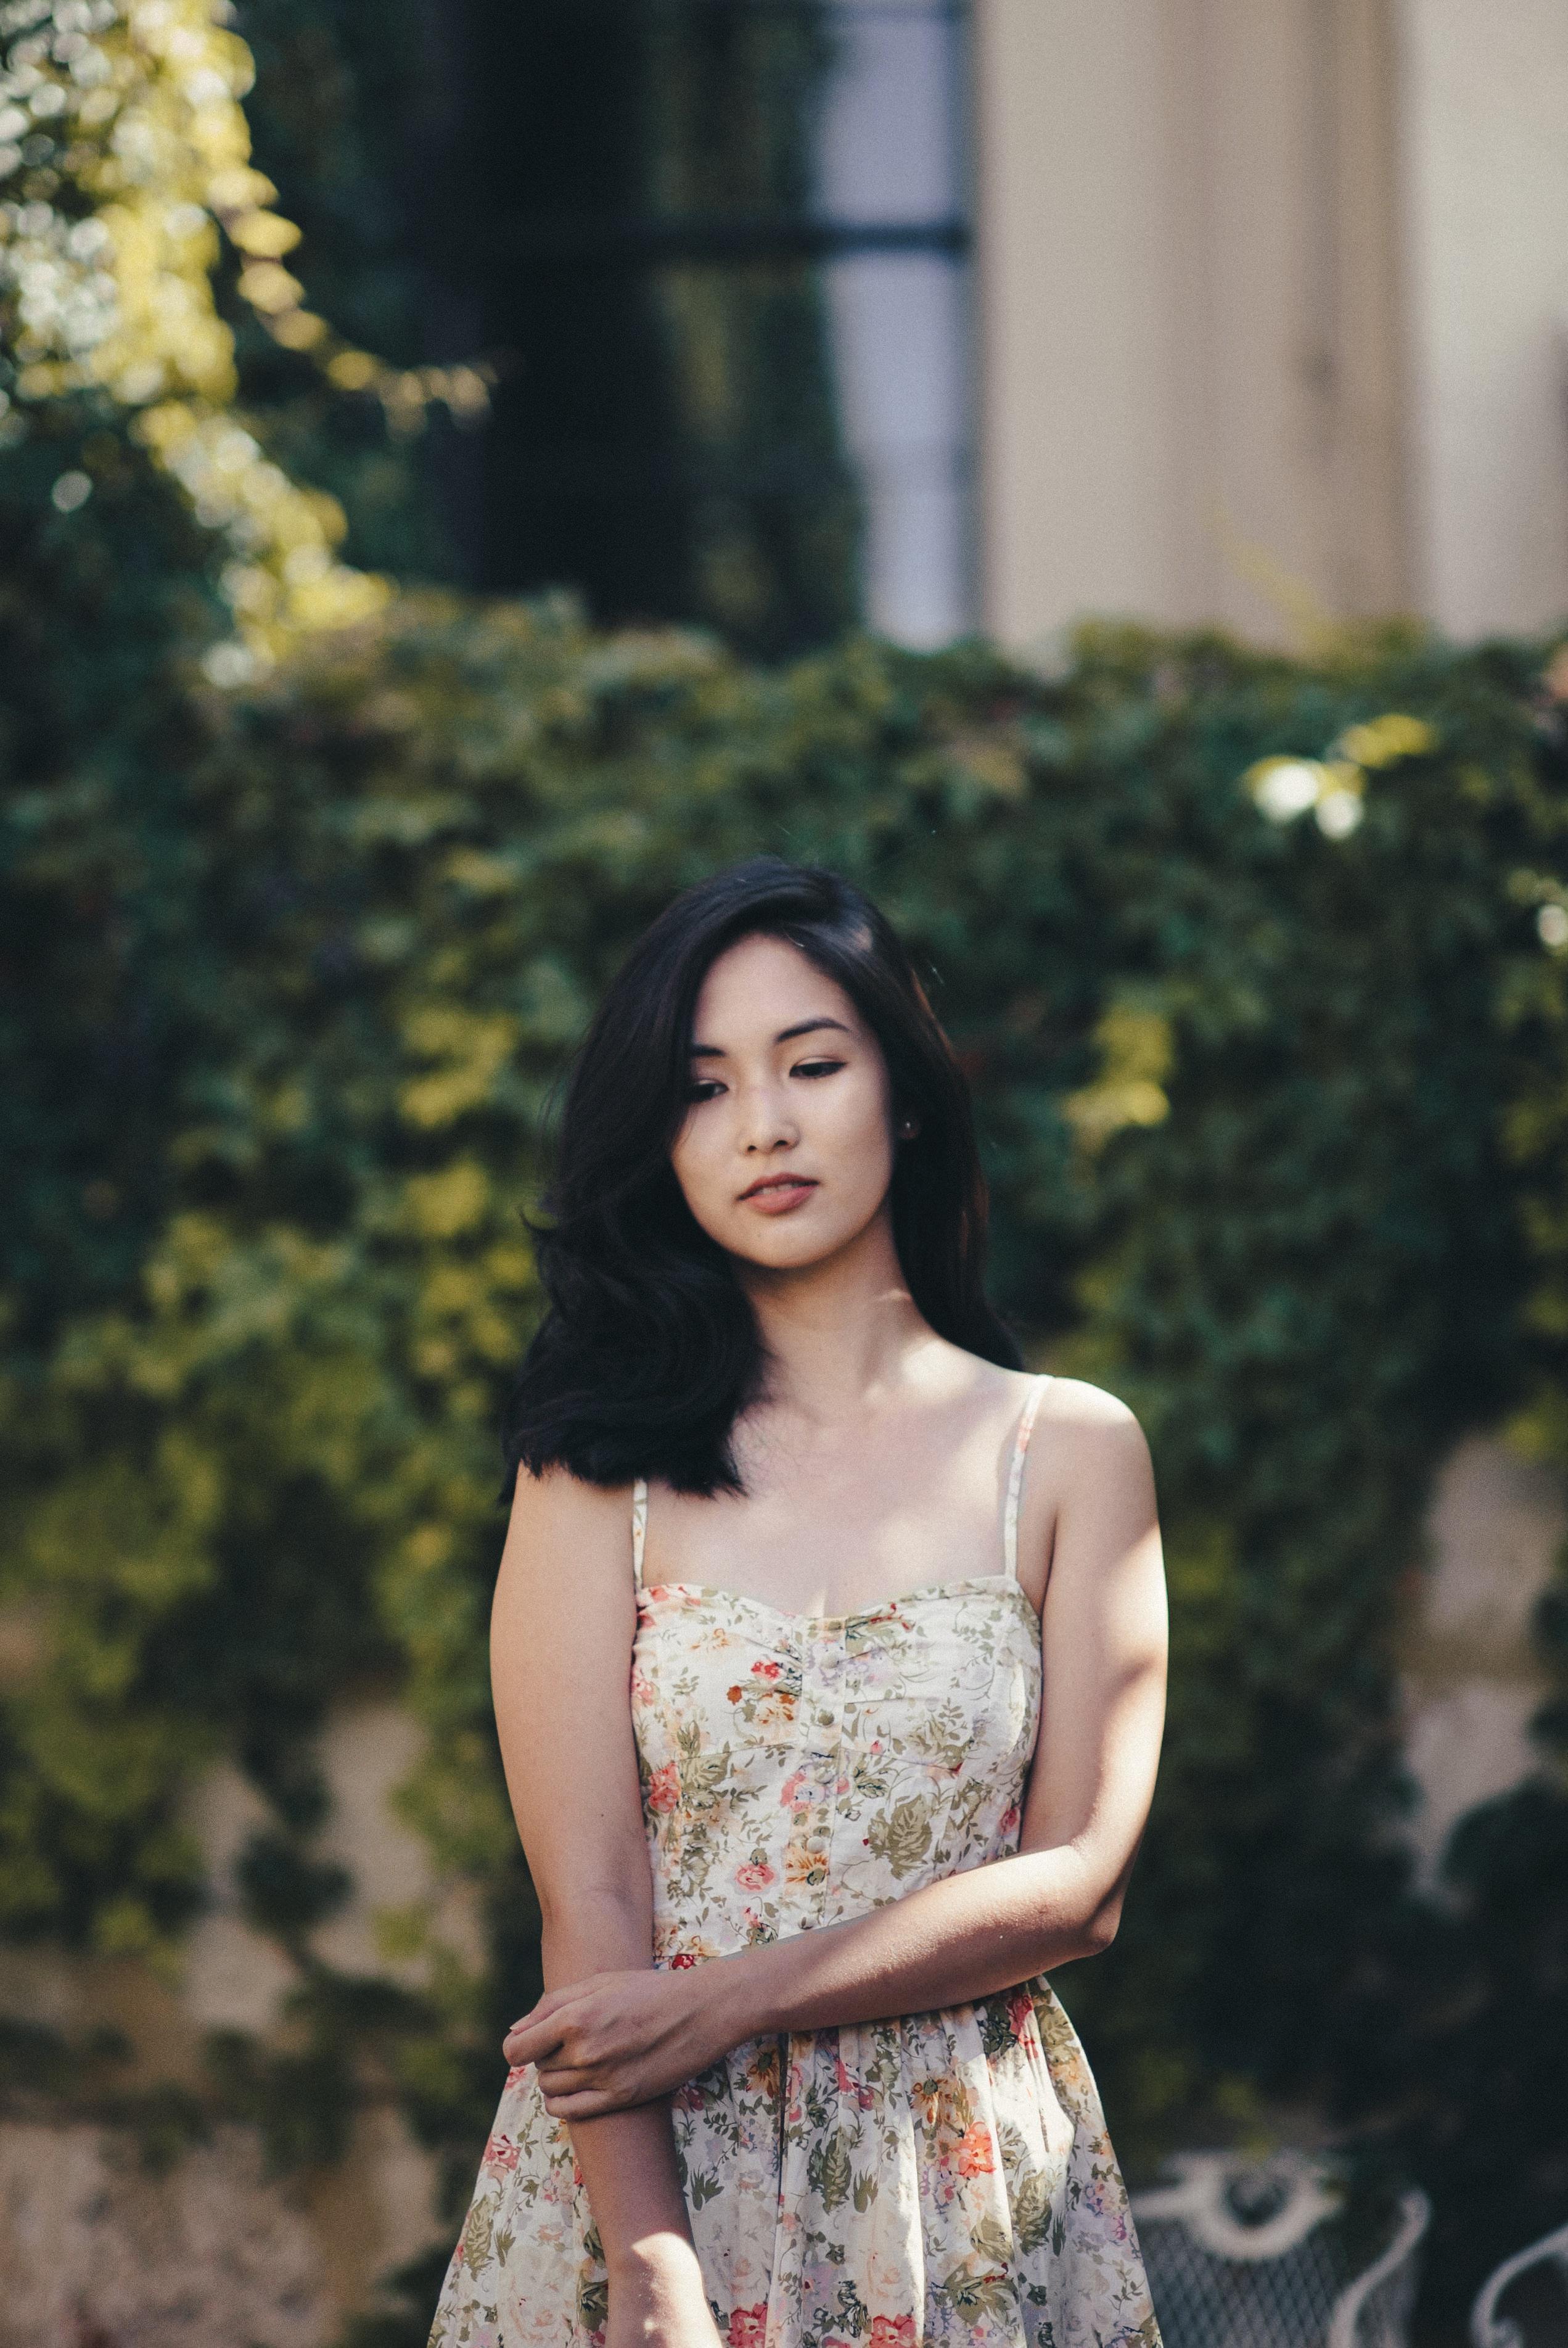 Girl in white sleevless floral dress